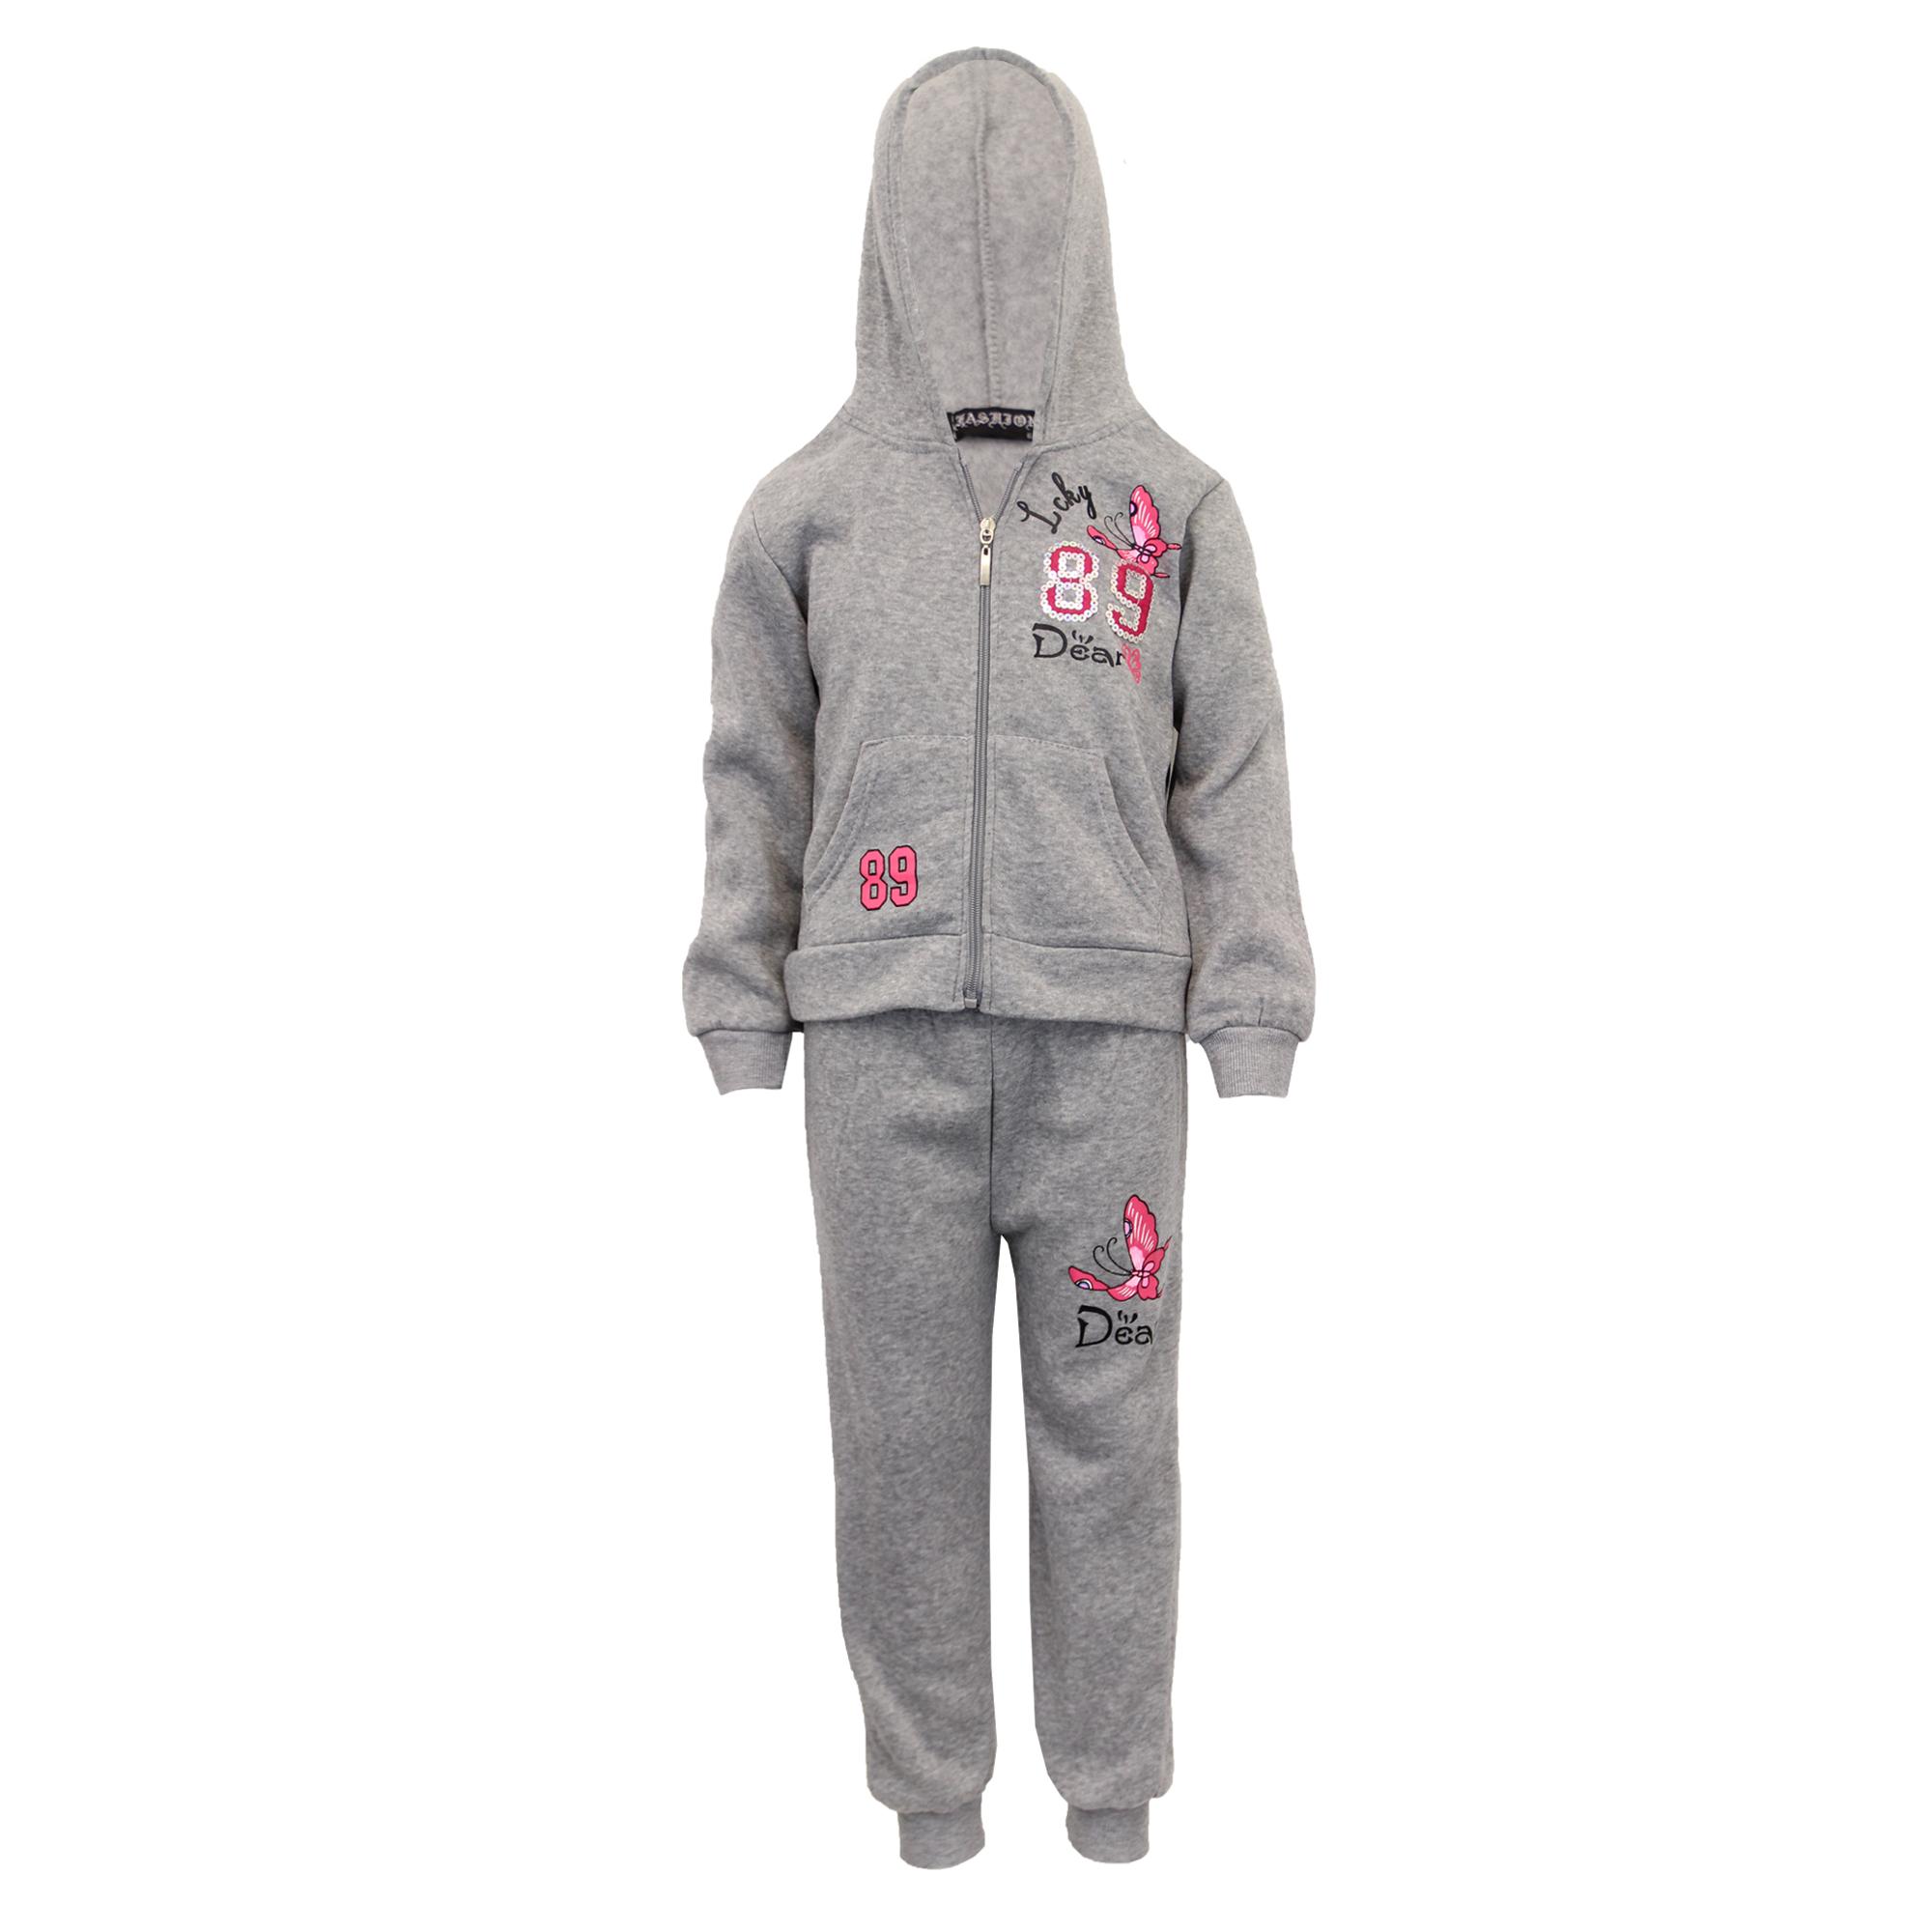 Garçons Filles Enfants 1 Onsie Pyjama Tout en Un Capuche Fermeture Éclair Combinaison Âges 1-14 Ans